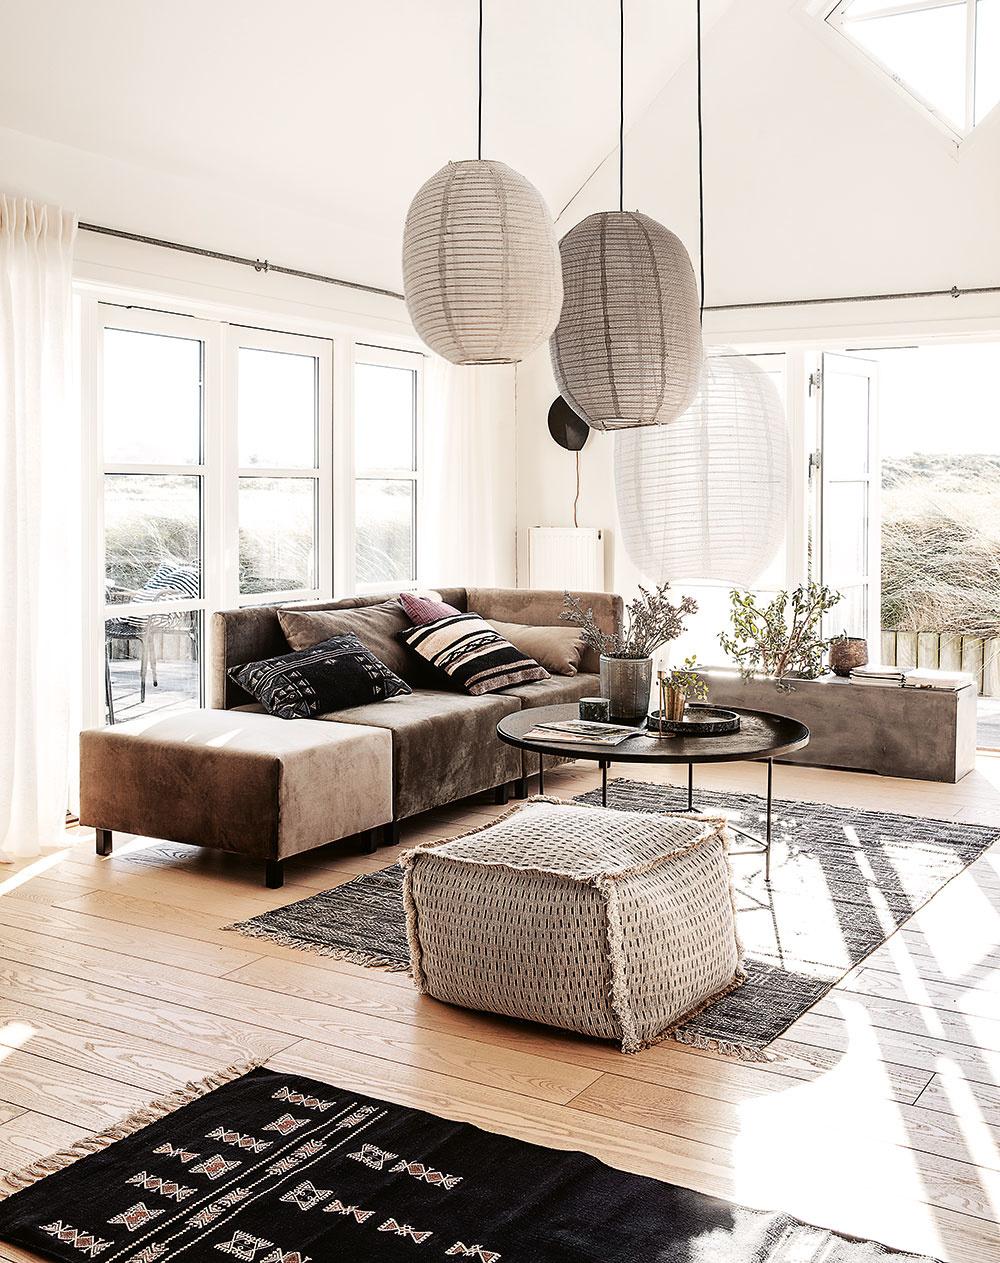 Vo veľkej obývačke môžete vytvárať samostatné zóny, ktoré podporíte osvetlením, ale aj kobercami. Koberec by mal mať takú veľkosť, aby sa naň zmestilo celé obývacie centrum – všetok nábytok, ktorý naň patrí. Niekedy postačí, aby na koberci stáli predné nohy tých najväčších kusov nábytku. Vo veľkých miestnostiach môžete vymedziť aj samotný tok, tzv. cestu. Vtedy použite väčšie koberce, ktoré ju ohraničia.